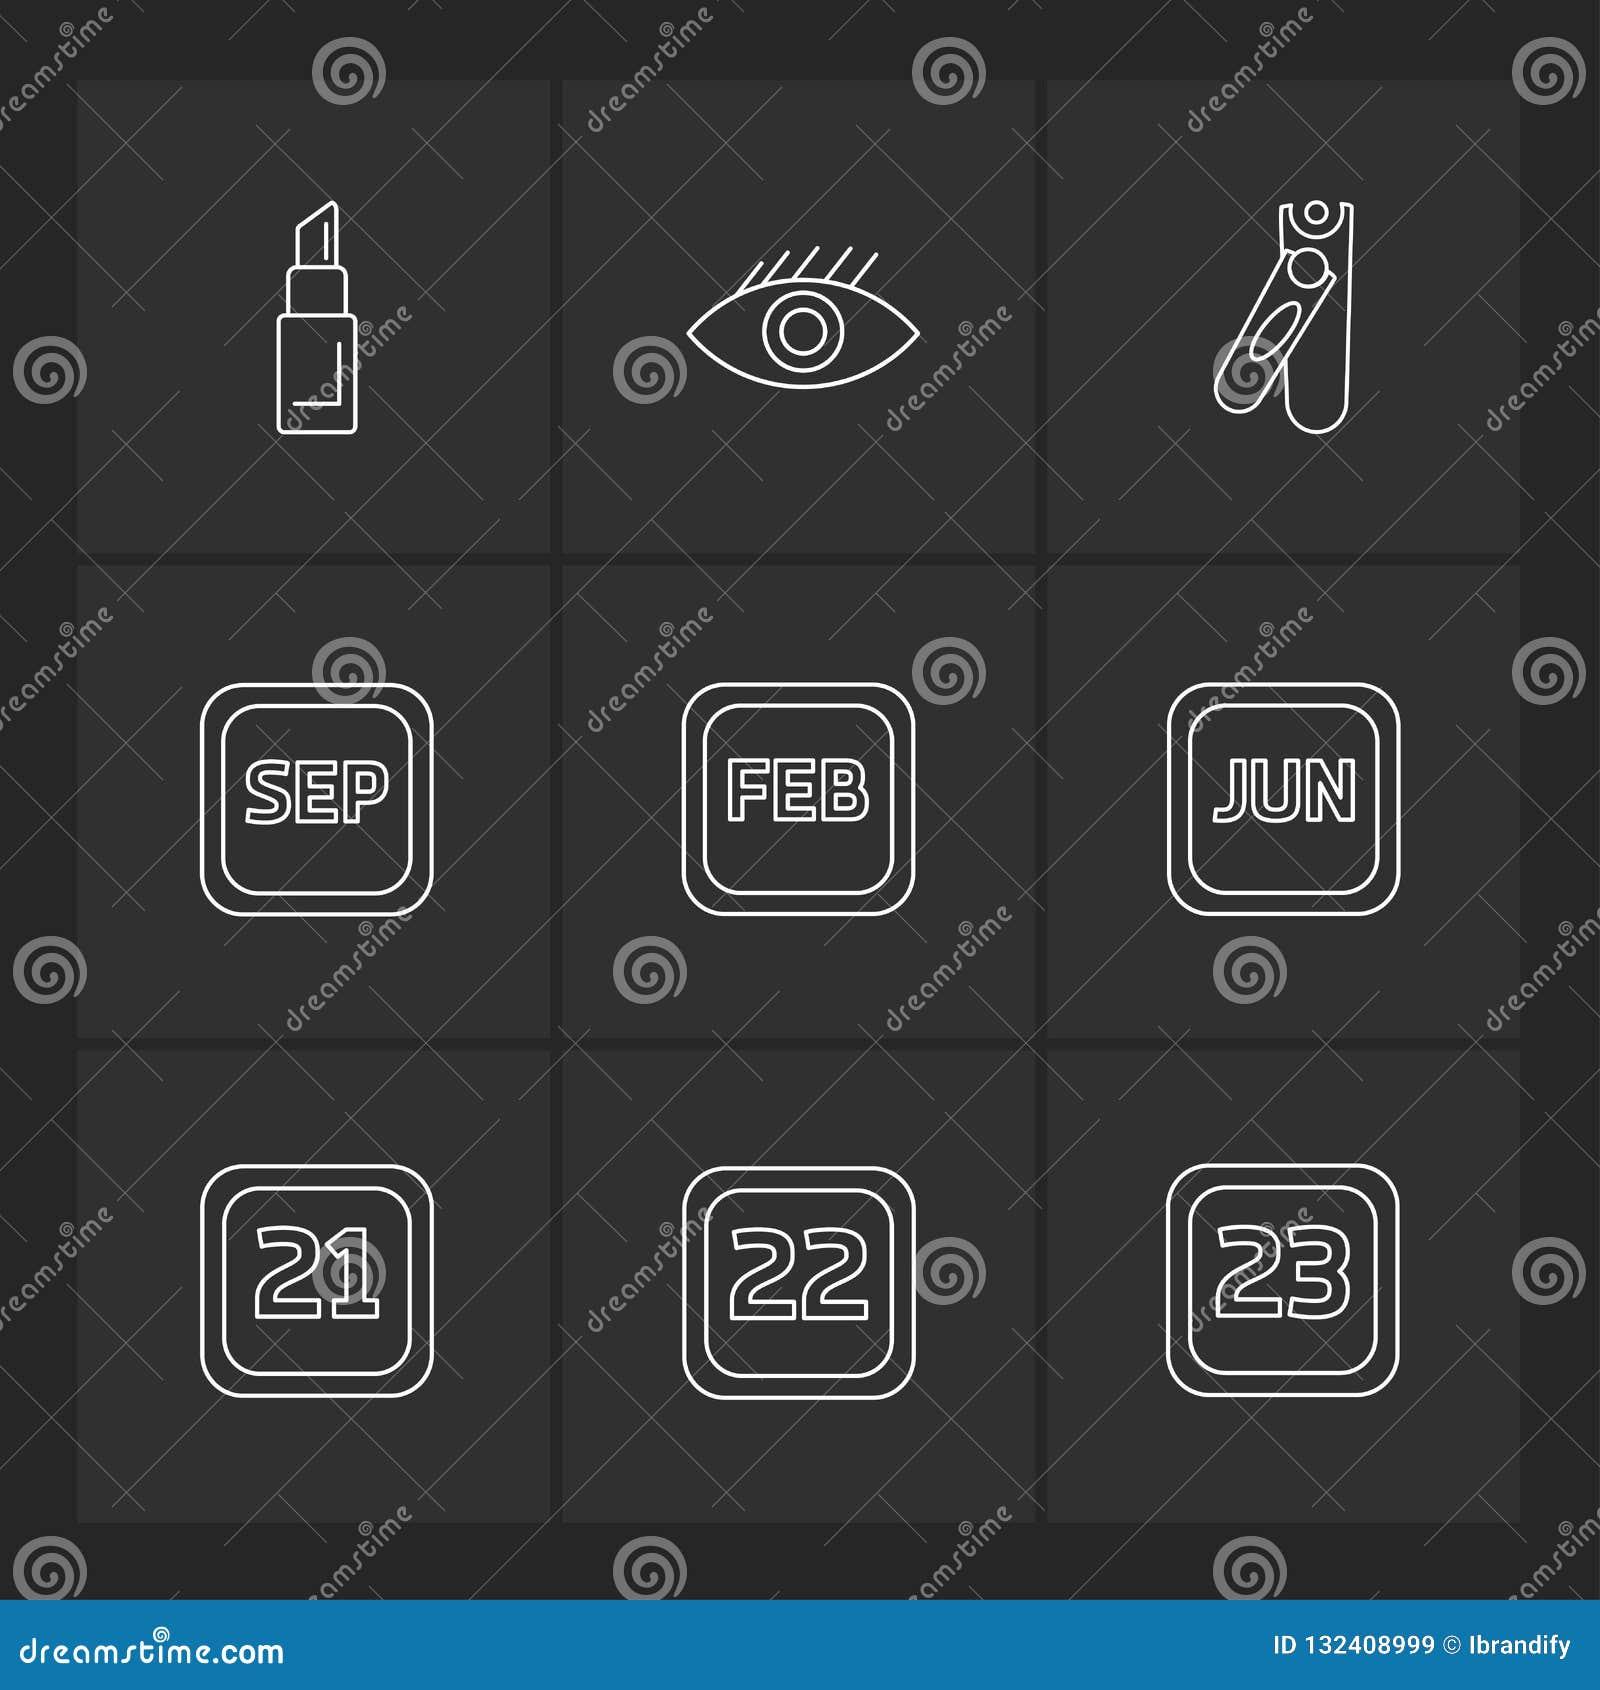 μάτι, κραγιόν, nailcutter, ημερολόγιο, μήνες, καλλυντικά, hou